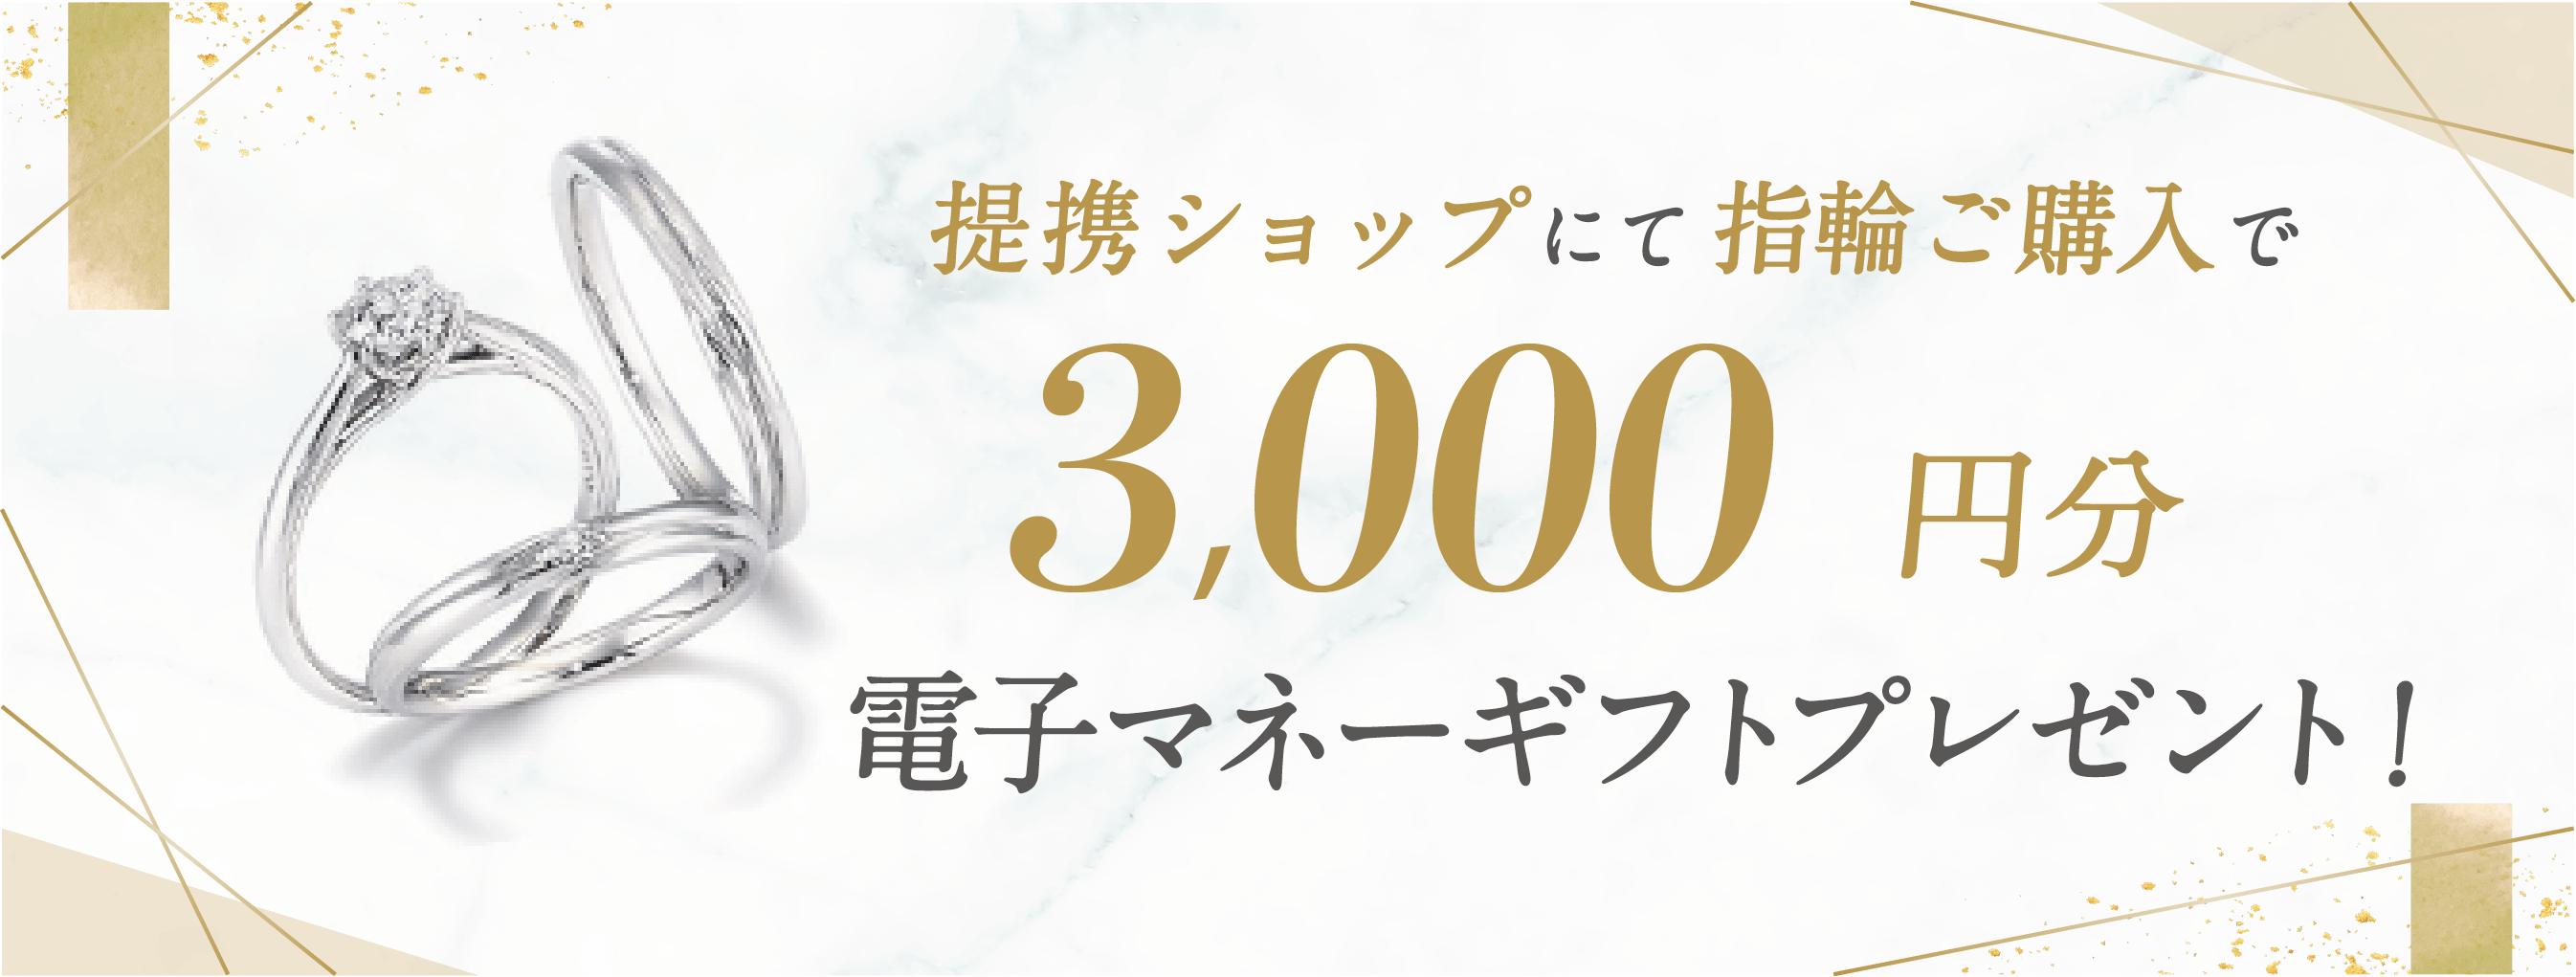 ハナユメ【3,000円分電子マネーギフトプレゼント】